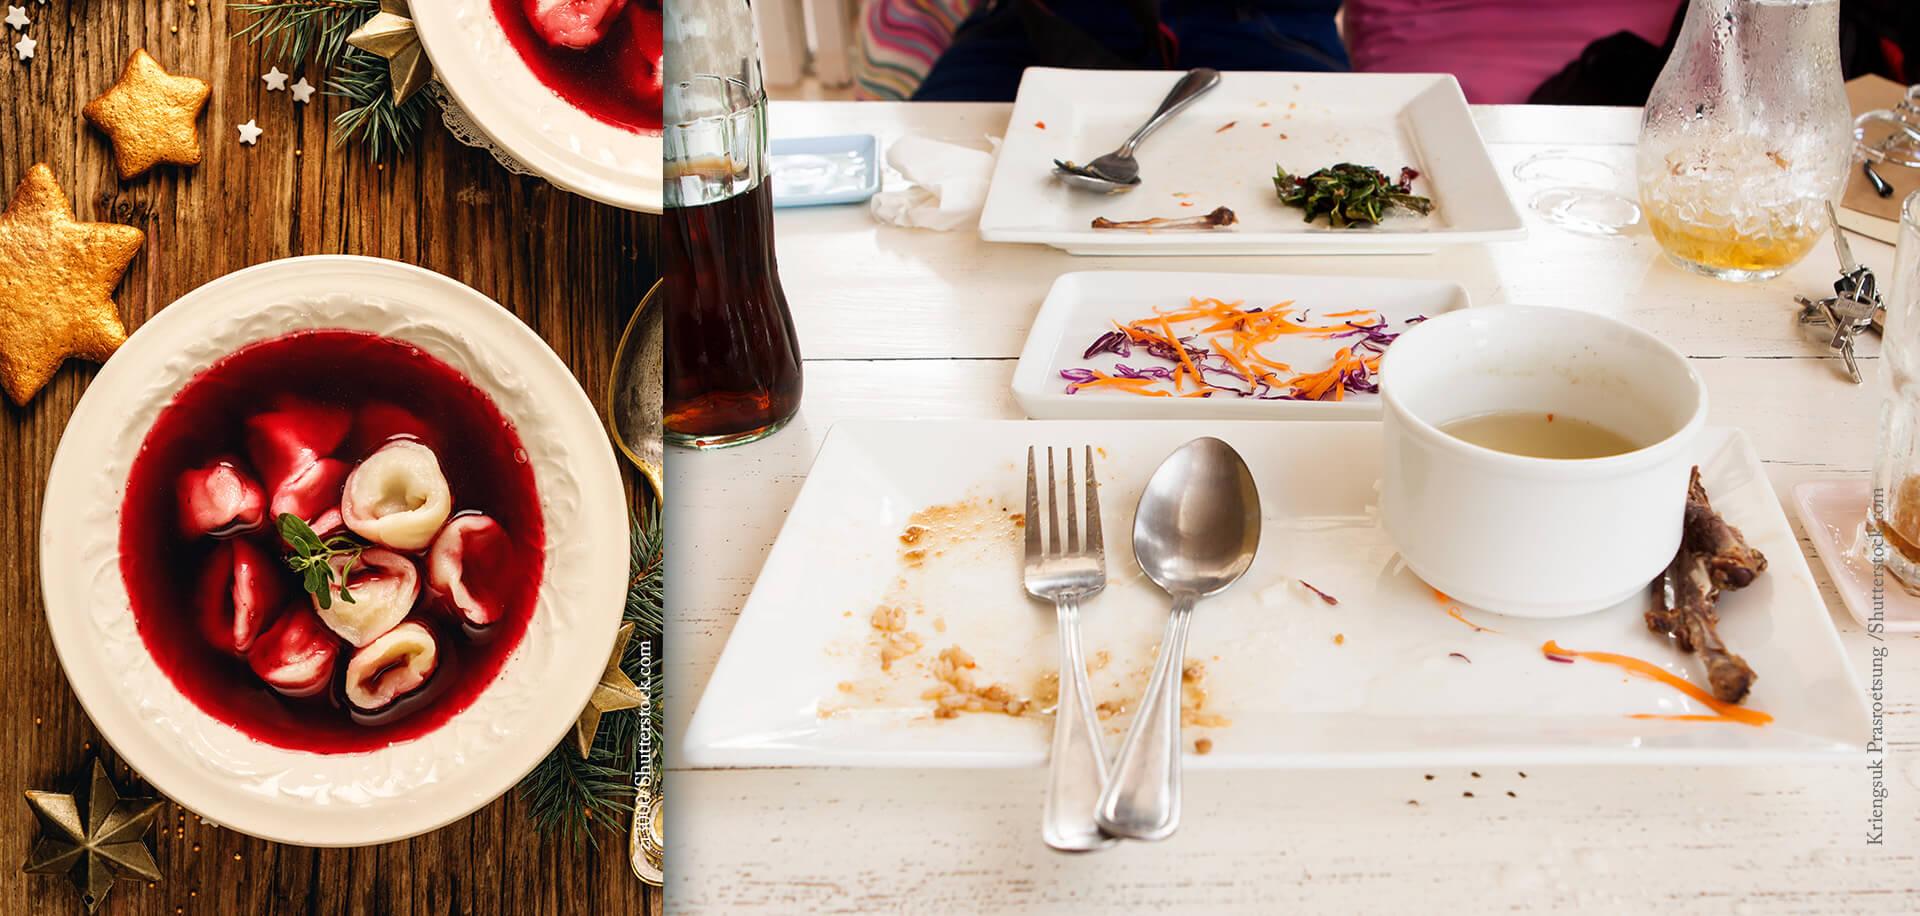 Tisch-Knigge_Weihnachtsessen_Suppe_Anstandshappen